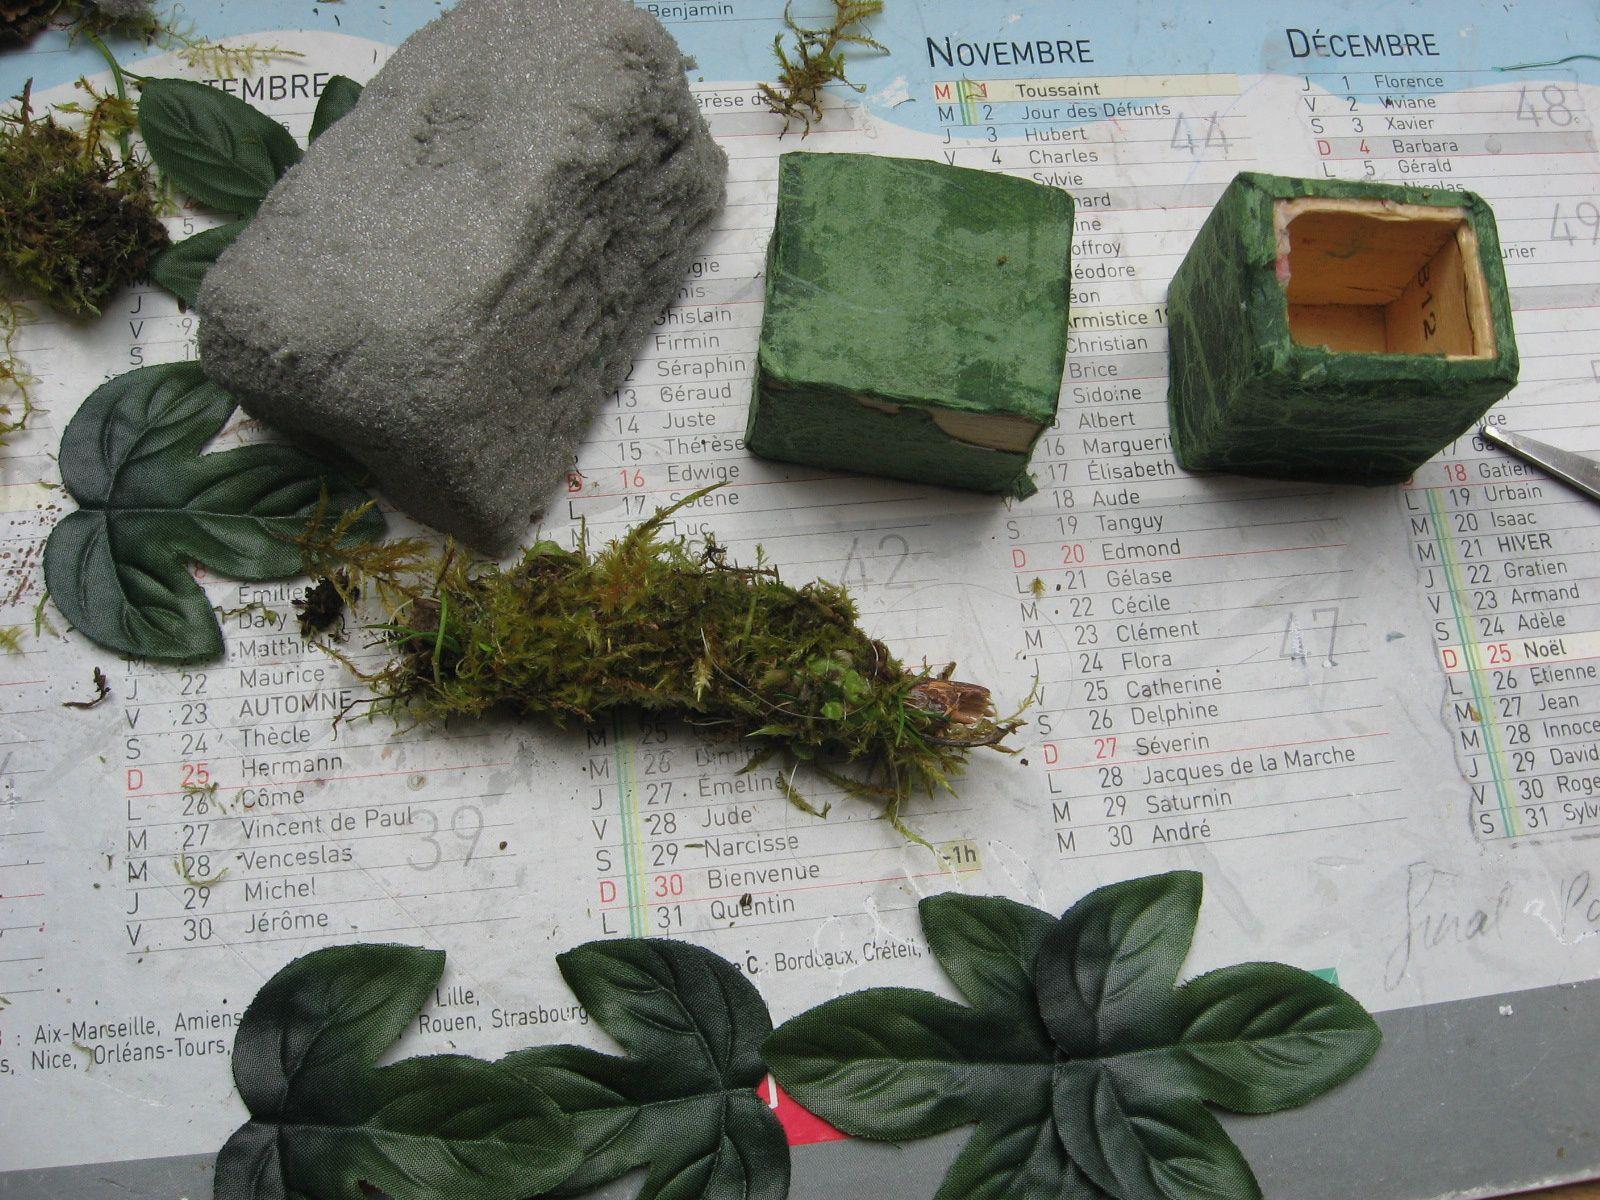 Portants pour habits barbie et mini-plantes vertesjeux enfantrs